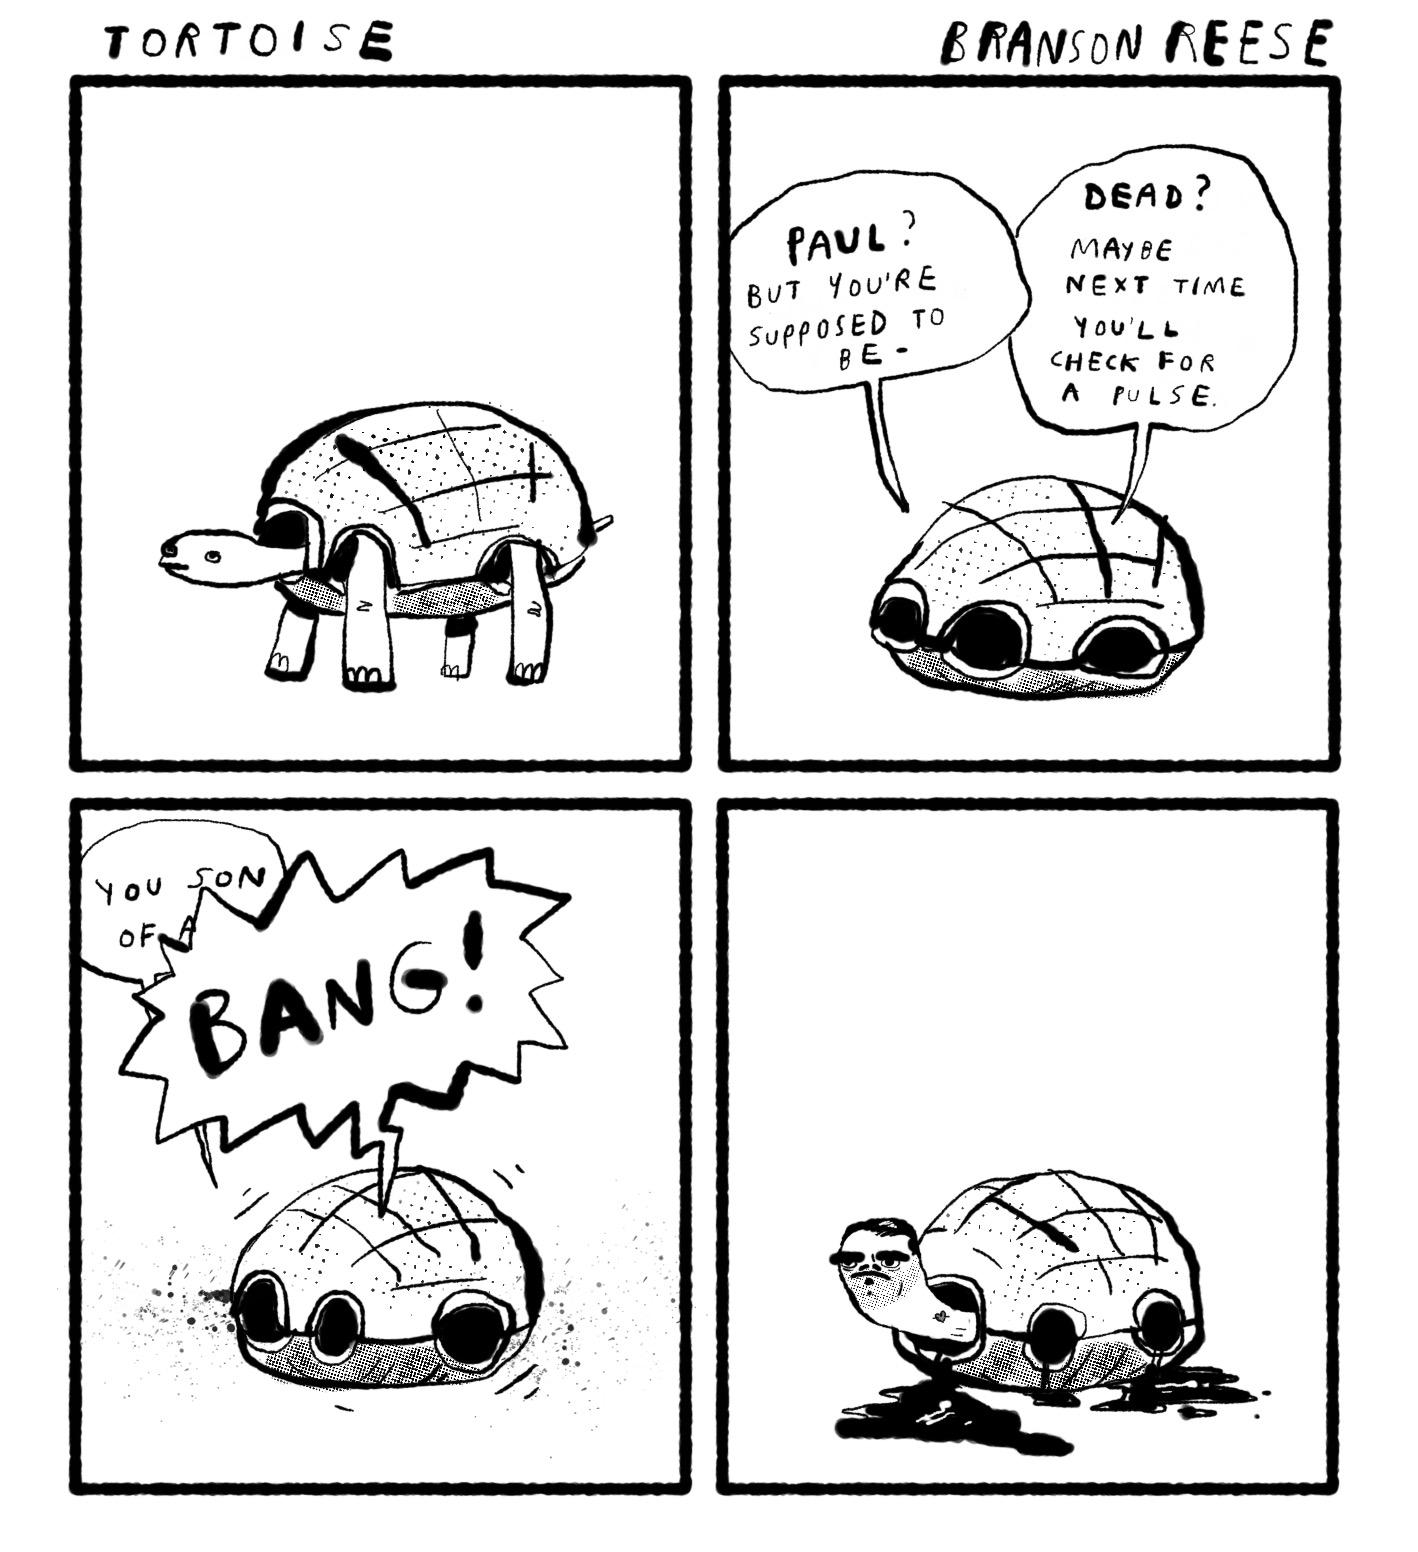 0361 tortoise1.jpg